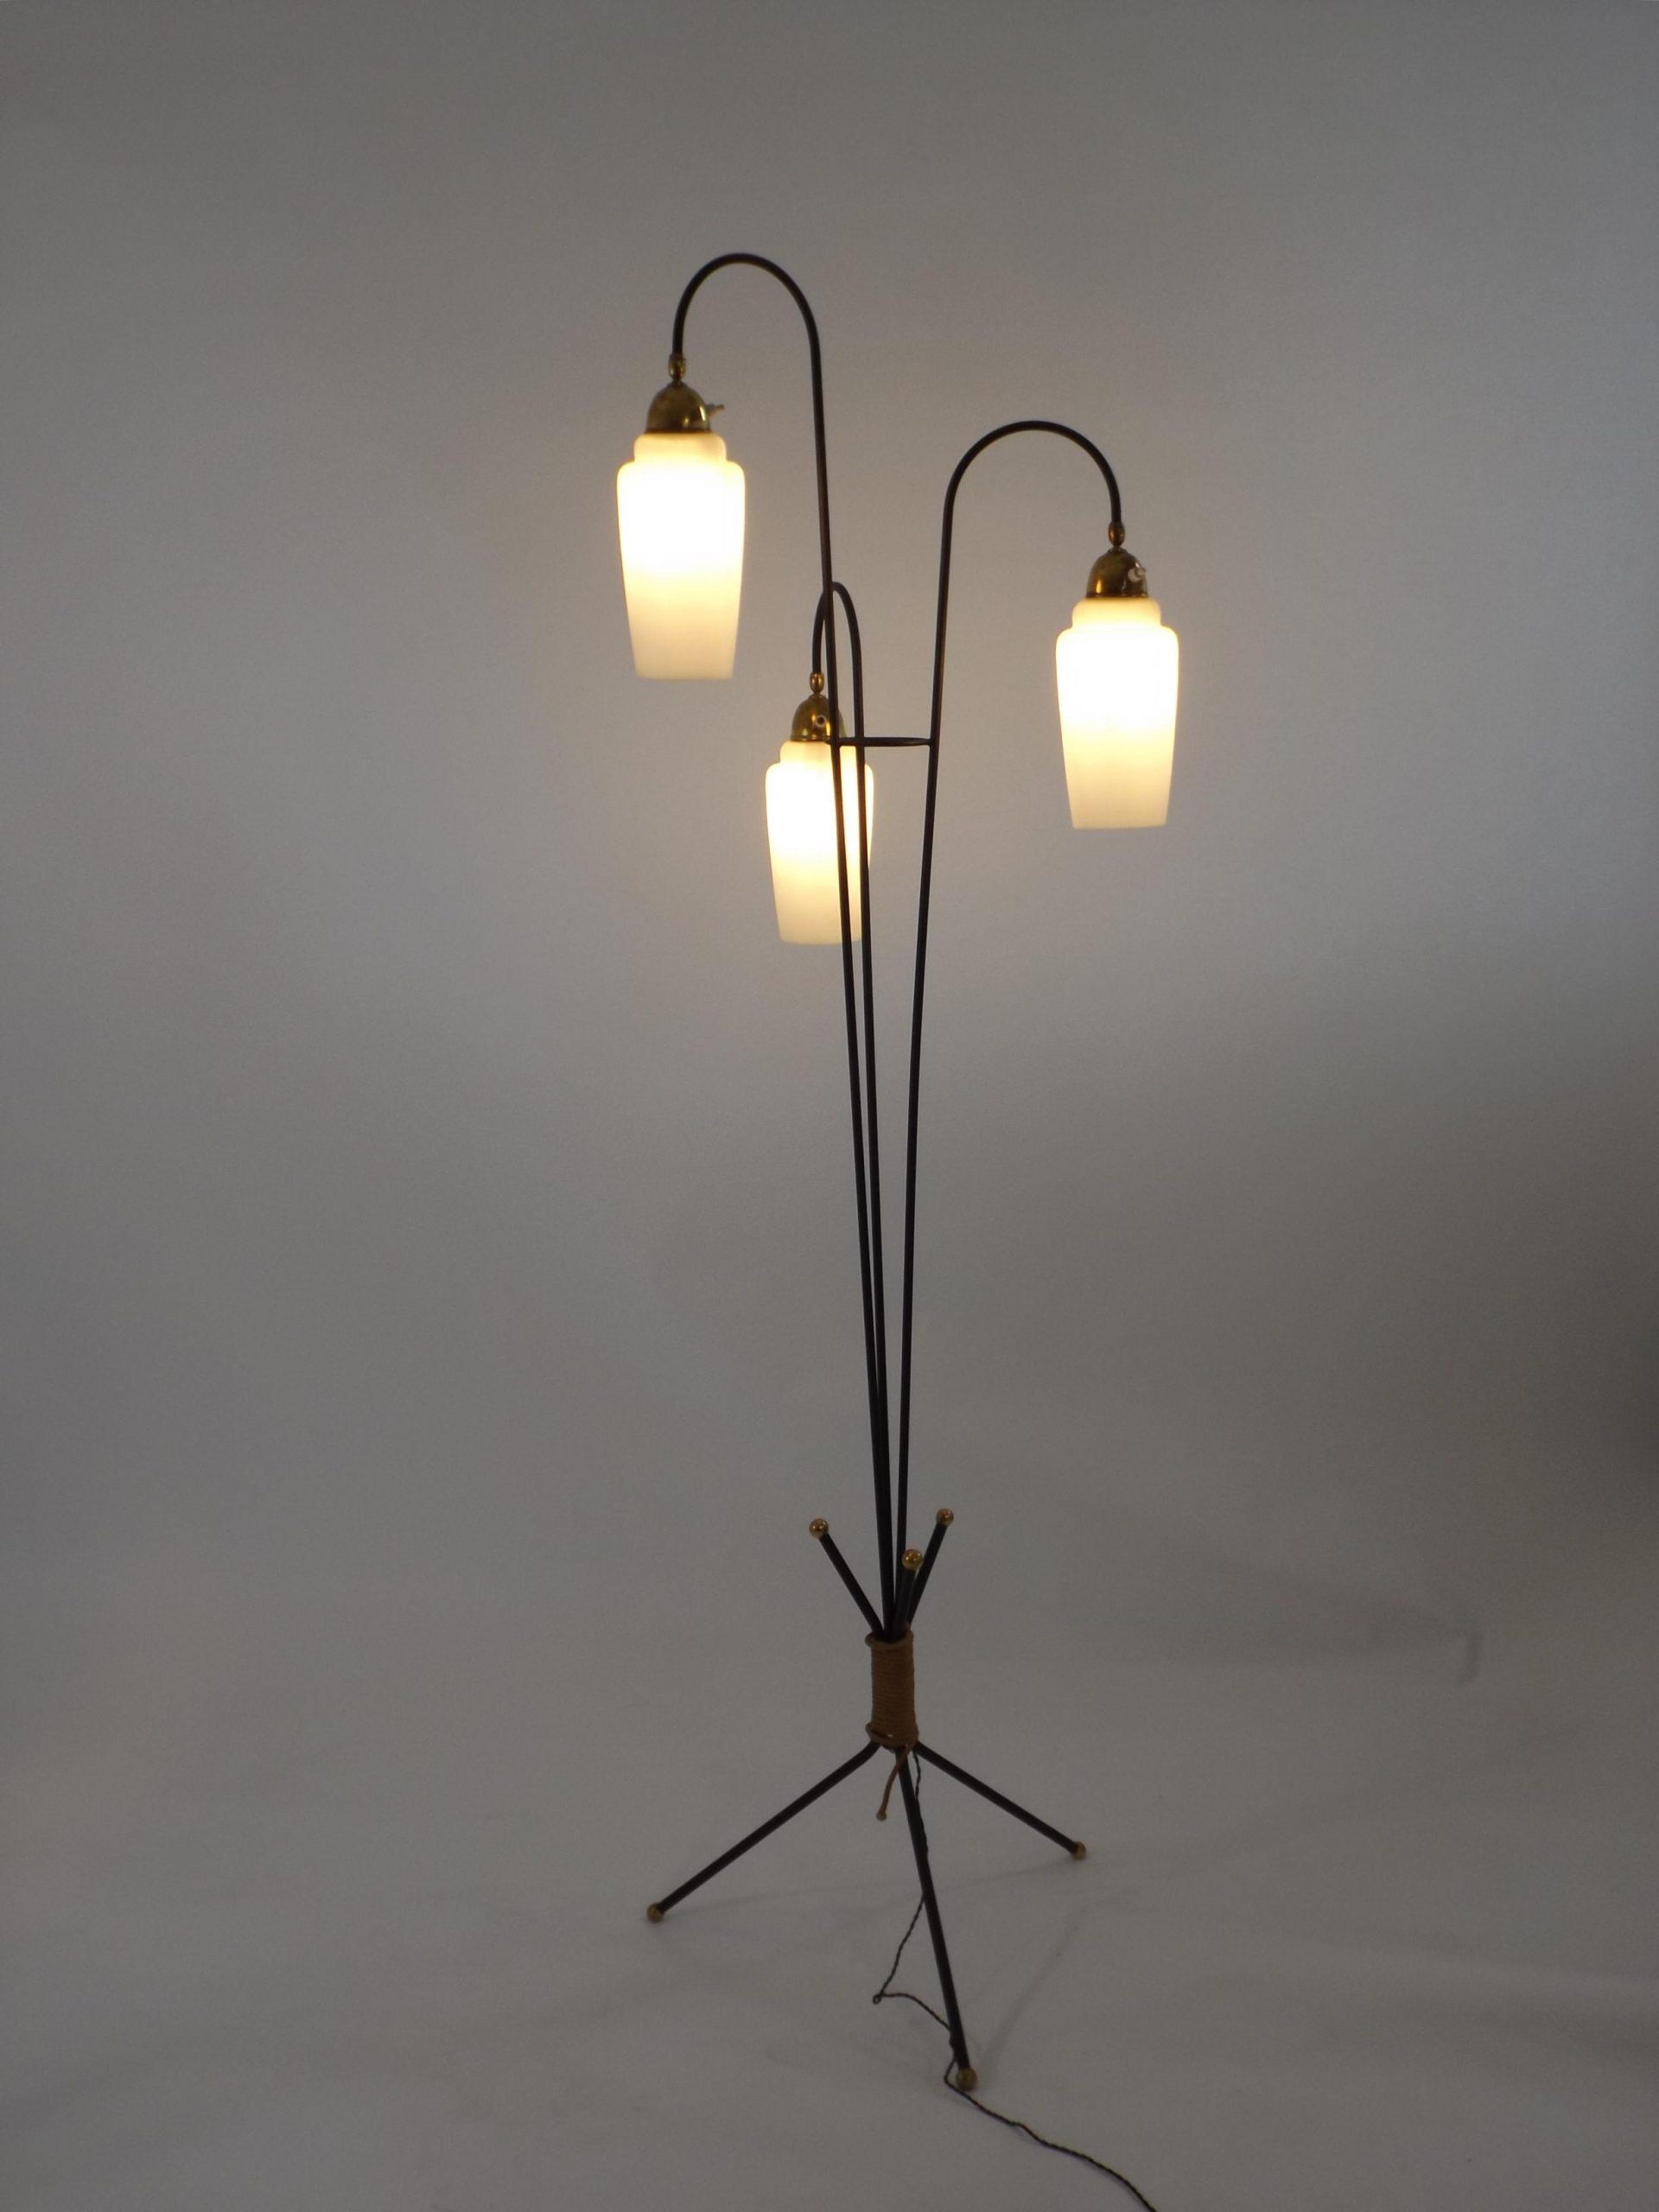 Fyfties floorlamp